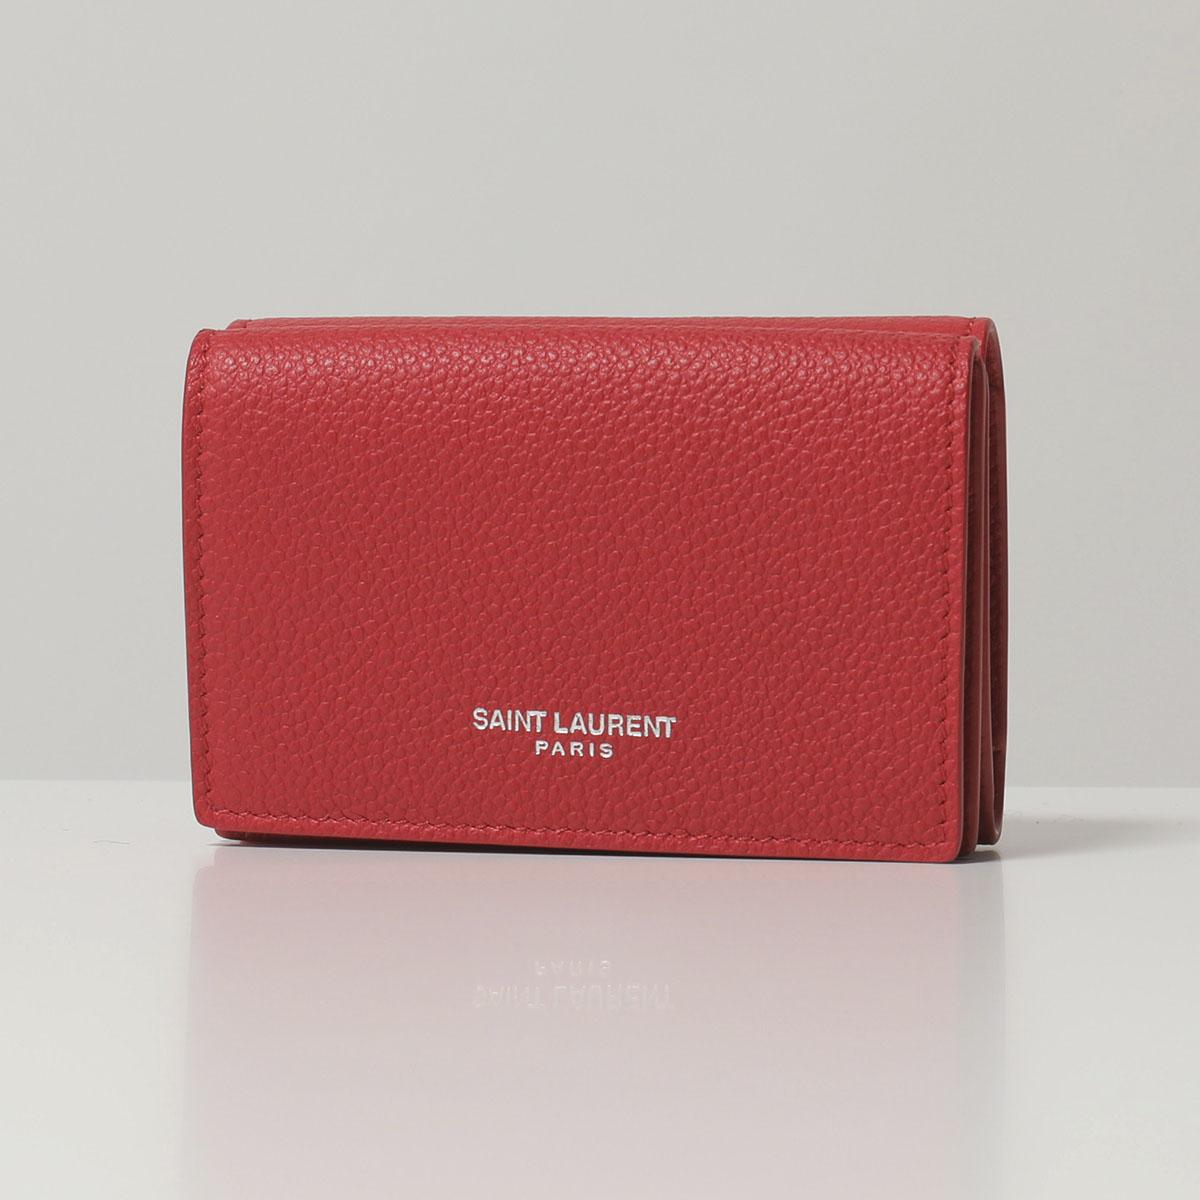 SAINT LAURENT サンローランパリ 459784 B680N 6805 レザー 三つ折り財布 ミニ財布 豆財布 レディース